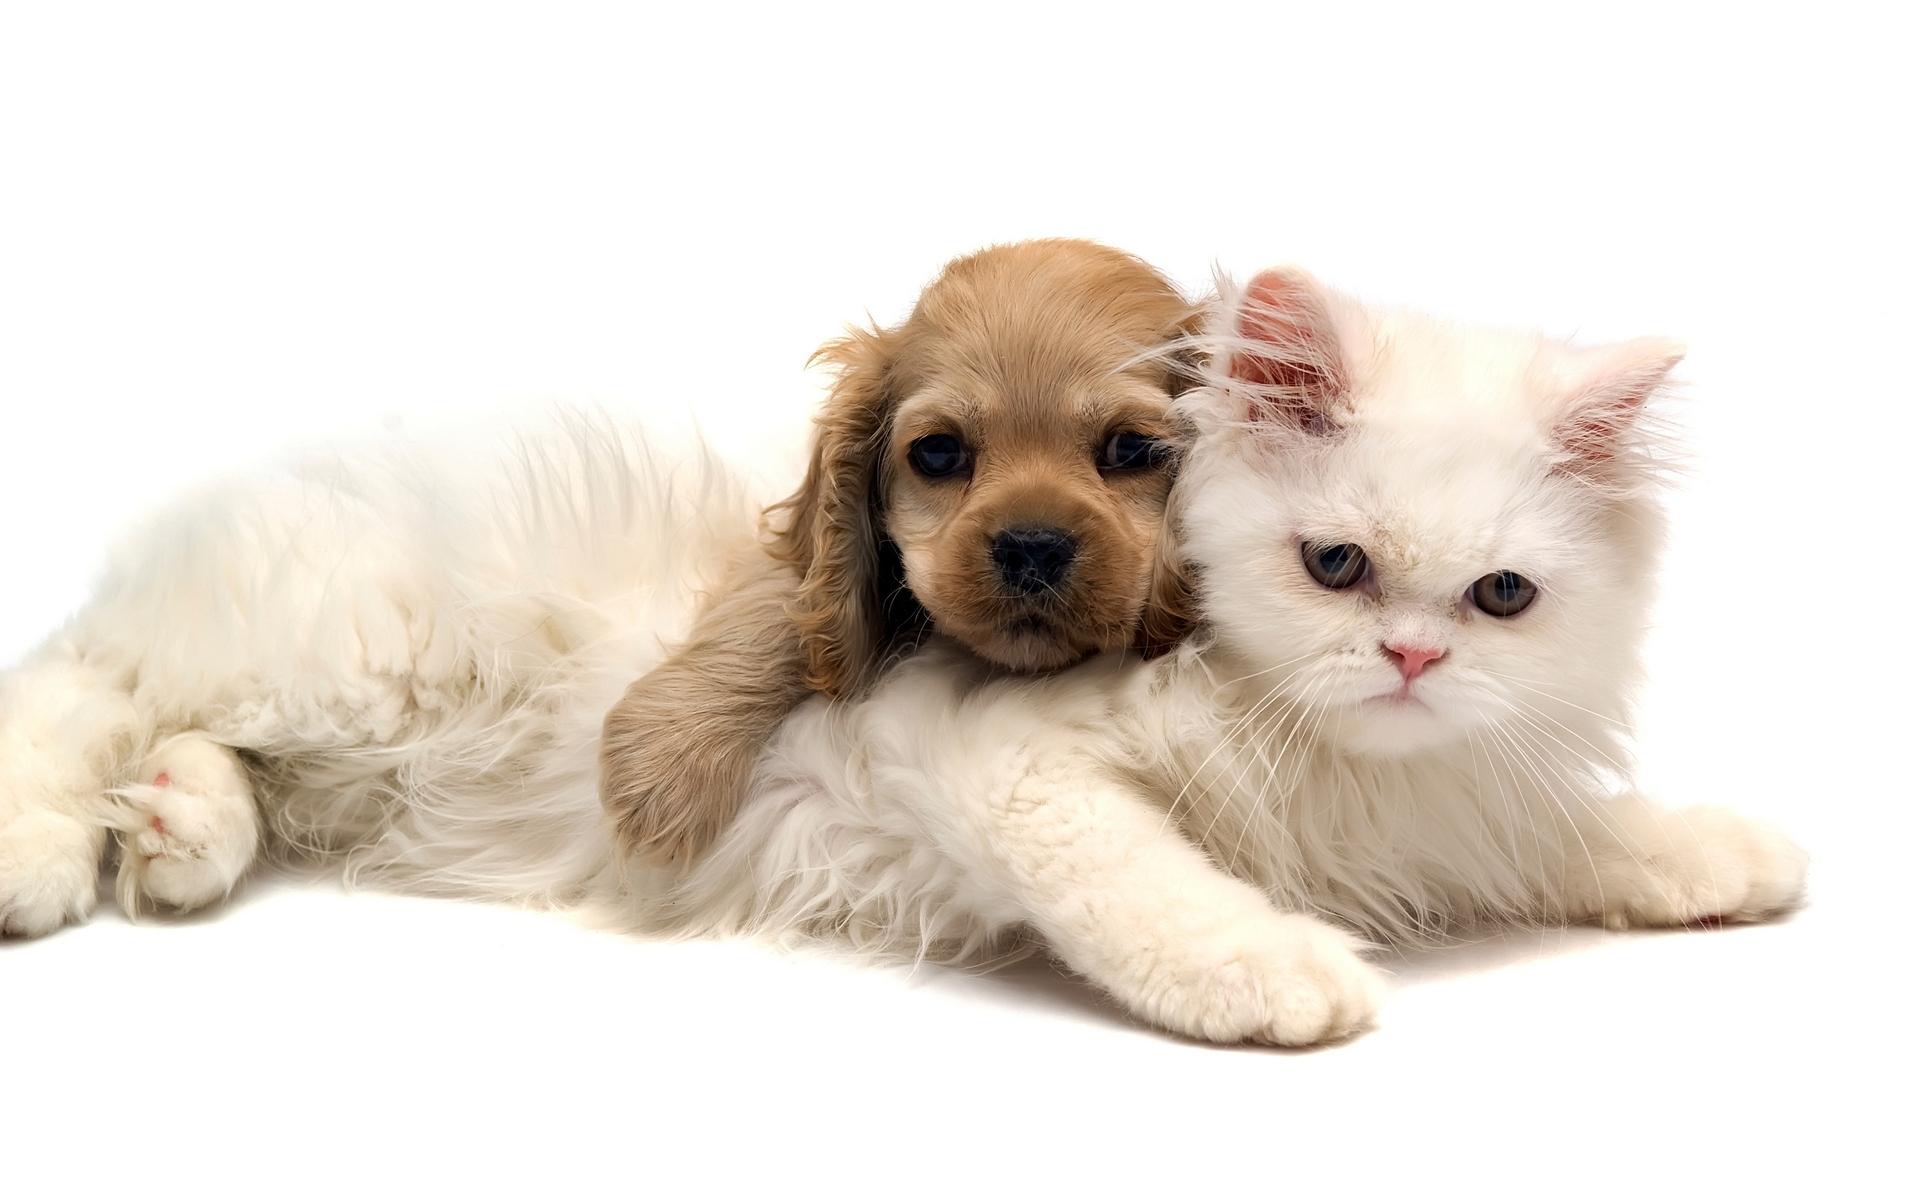 Hình ảnh những chú chó con dễ thương làm hình nền đẹp